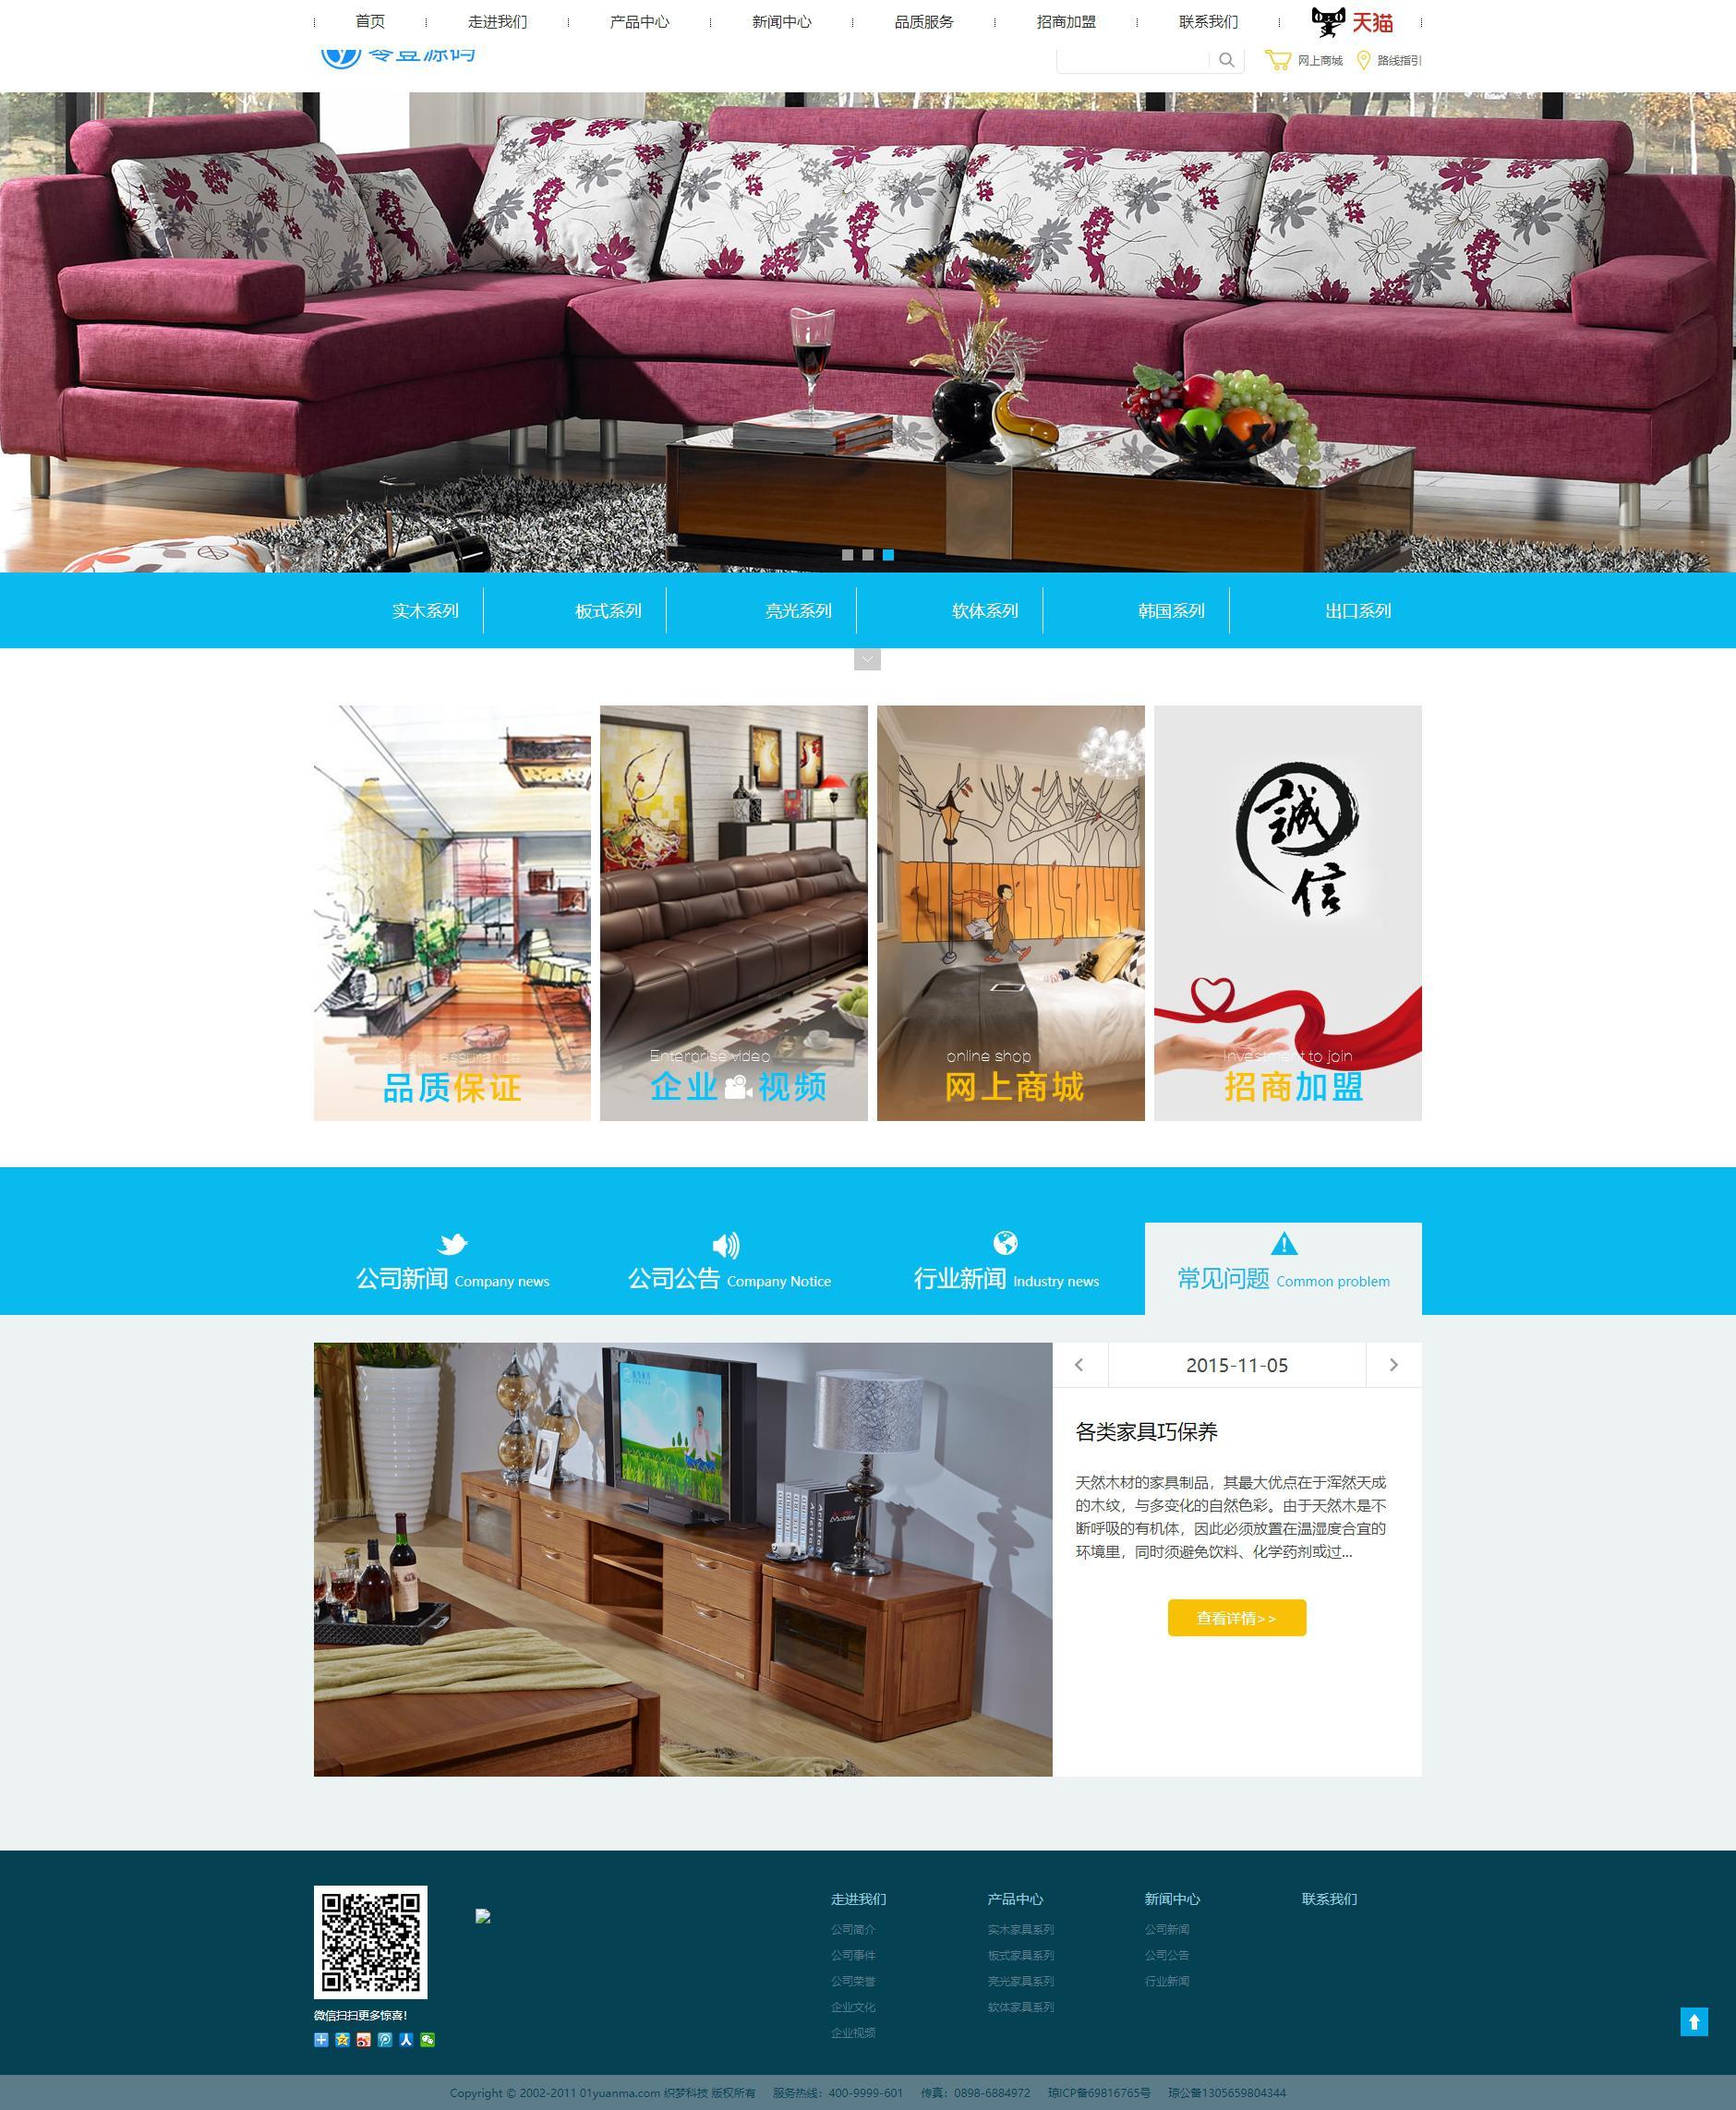 简洁大气家居家具行业企业网站织梦dedecms模板